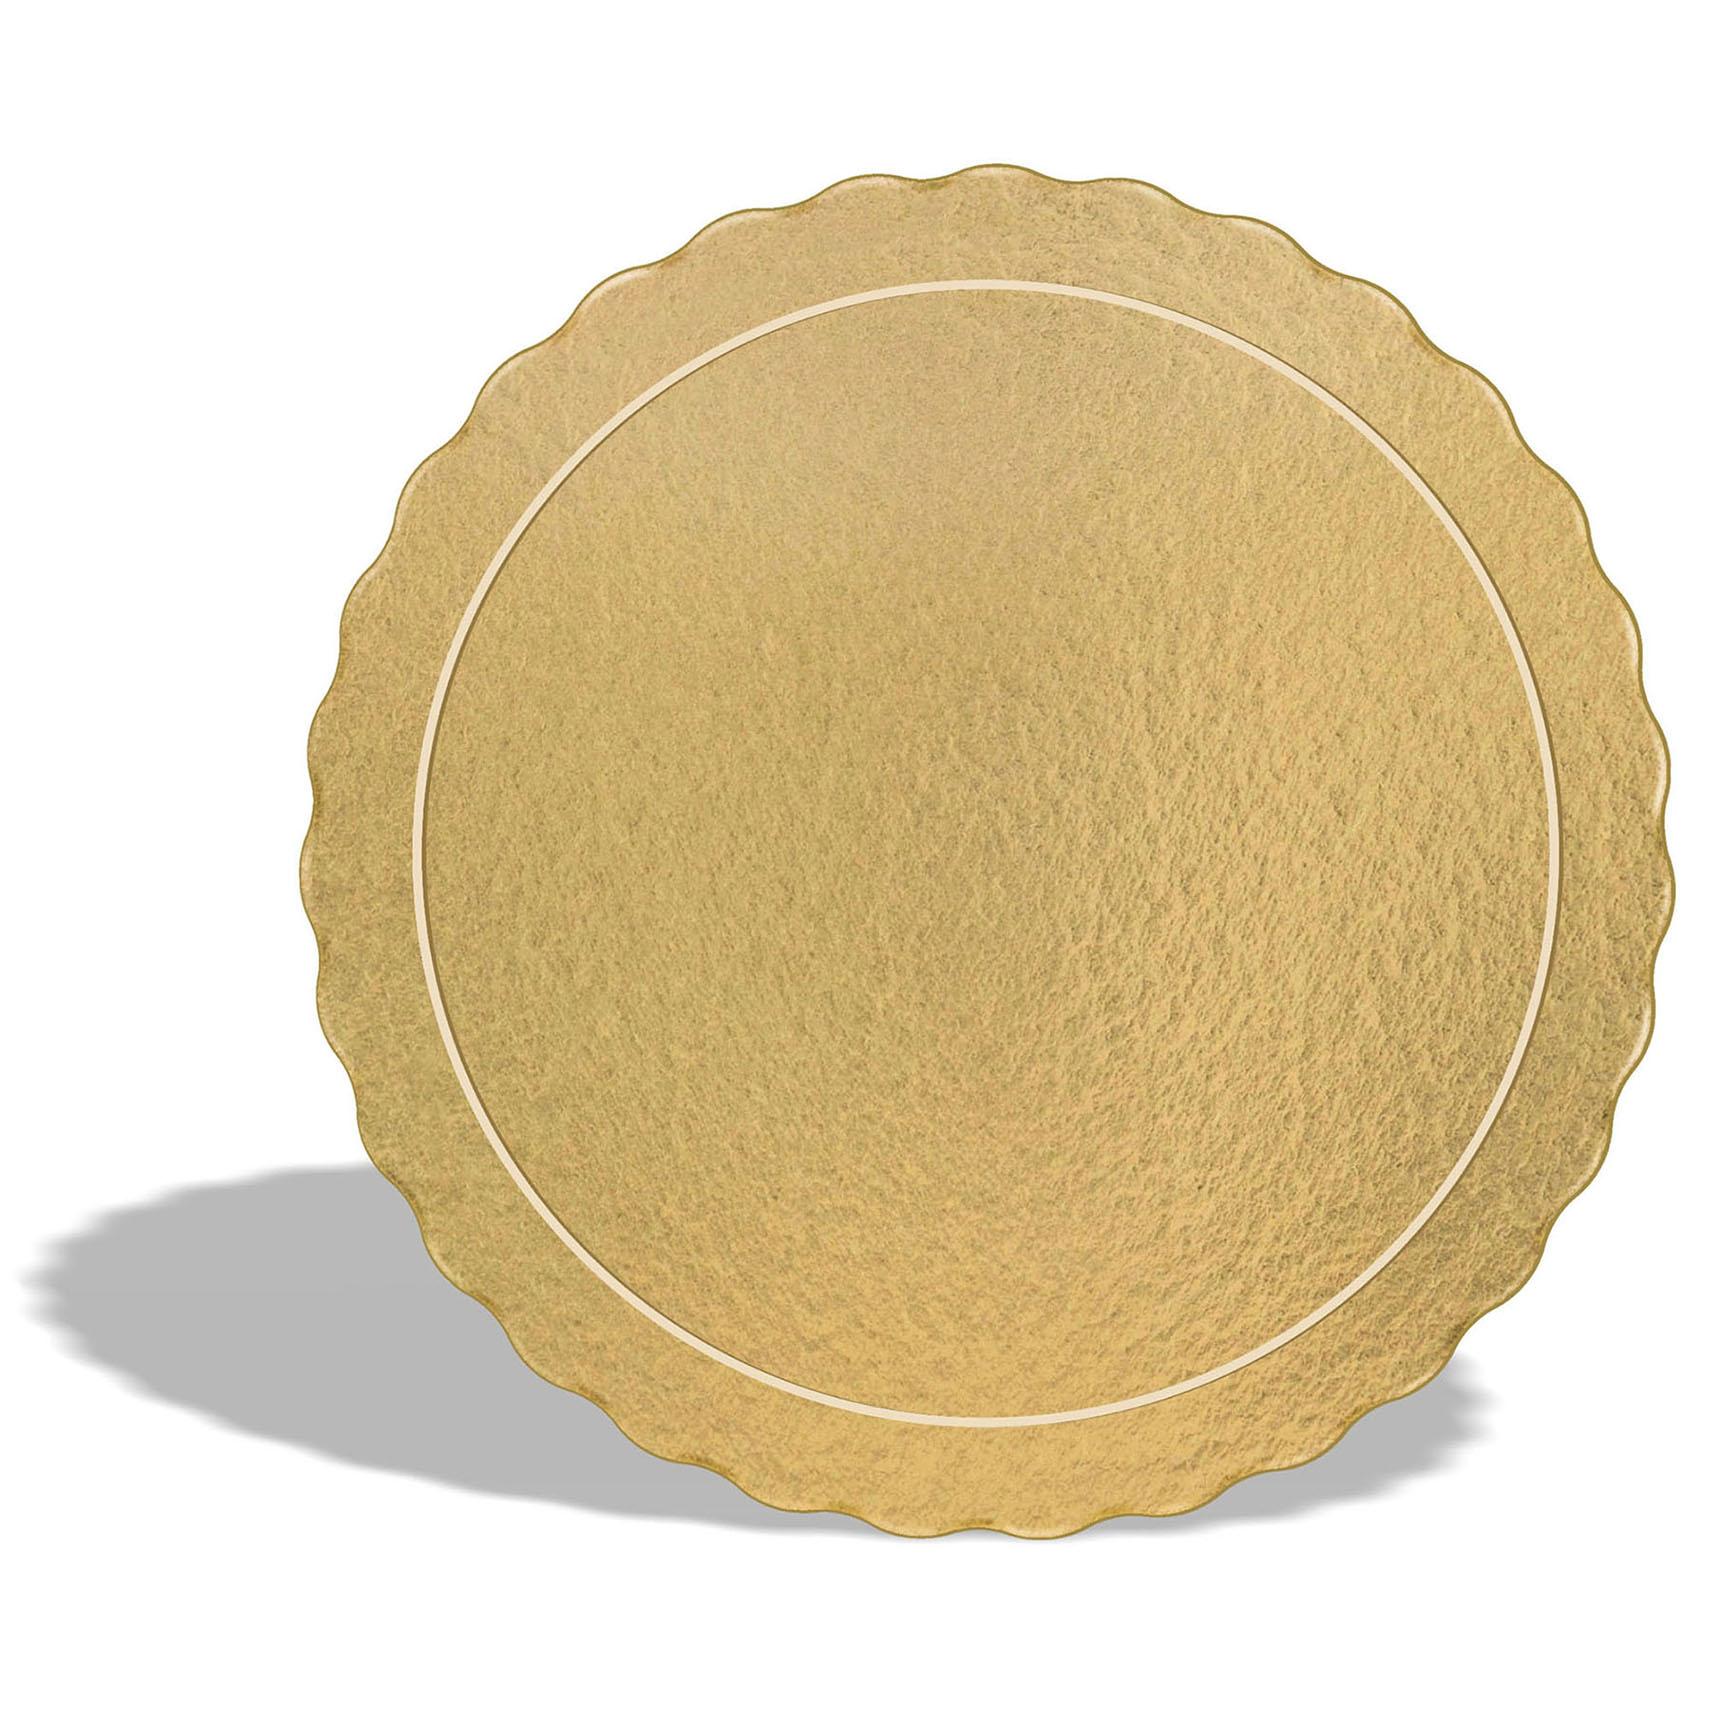 Kit 60 Bases Laminadas Para Bolo, Cake Board, 24, 28 e 32cm - Ouro